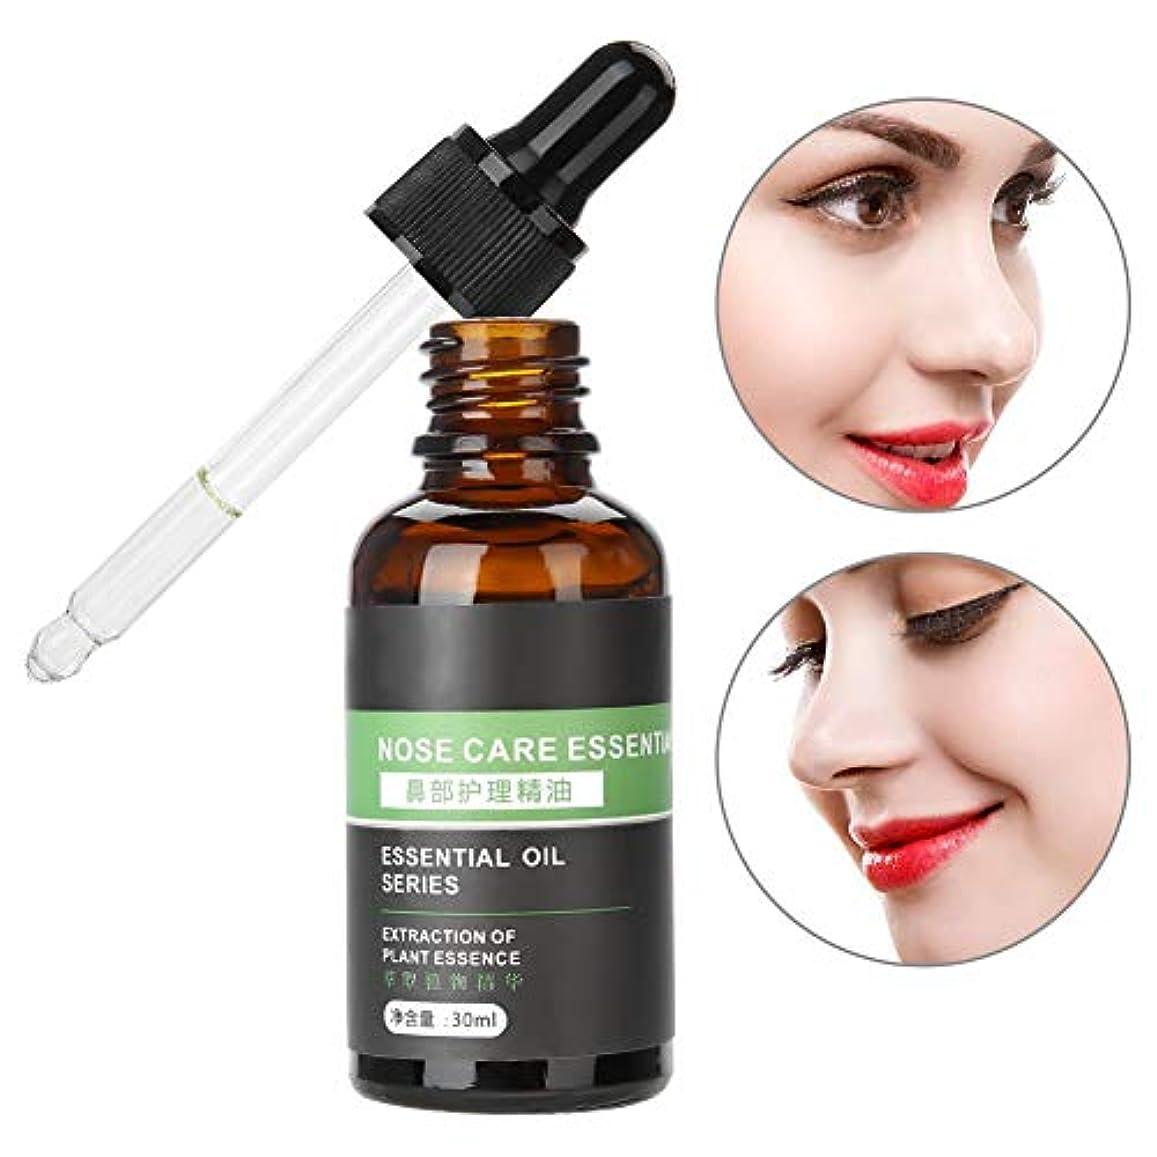 ノーズアップリフティングシェイピングエッセンスオイル、プロの鼻修理リフトアップ鼻形成鼻骨リモデリング血清30ミリリットル